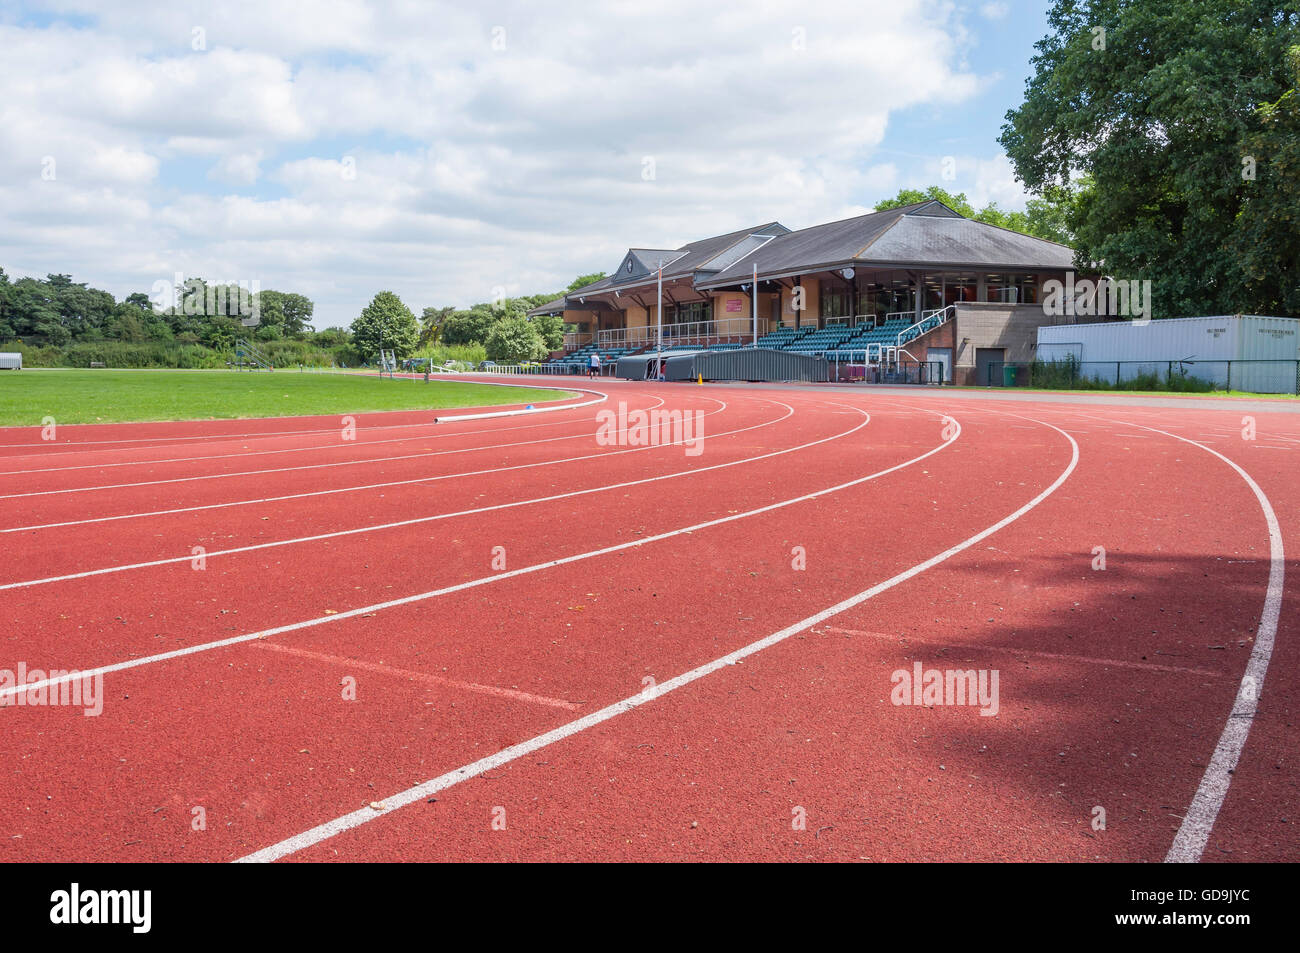 Via di corsa a Thames Valley centro atletico, Pococks Lane, Eton, Berkshire, Inghilterra, Regno Unito Immagini Stock